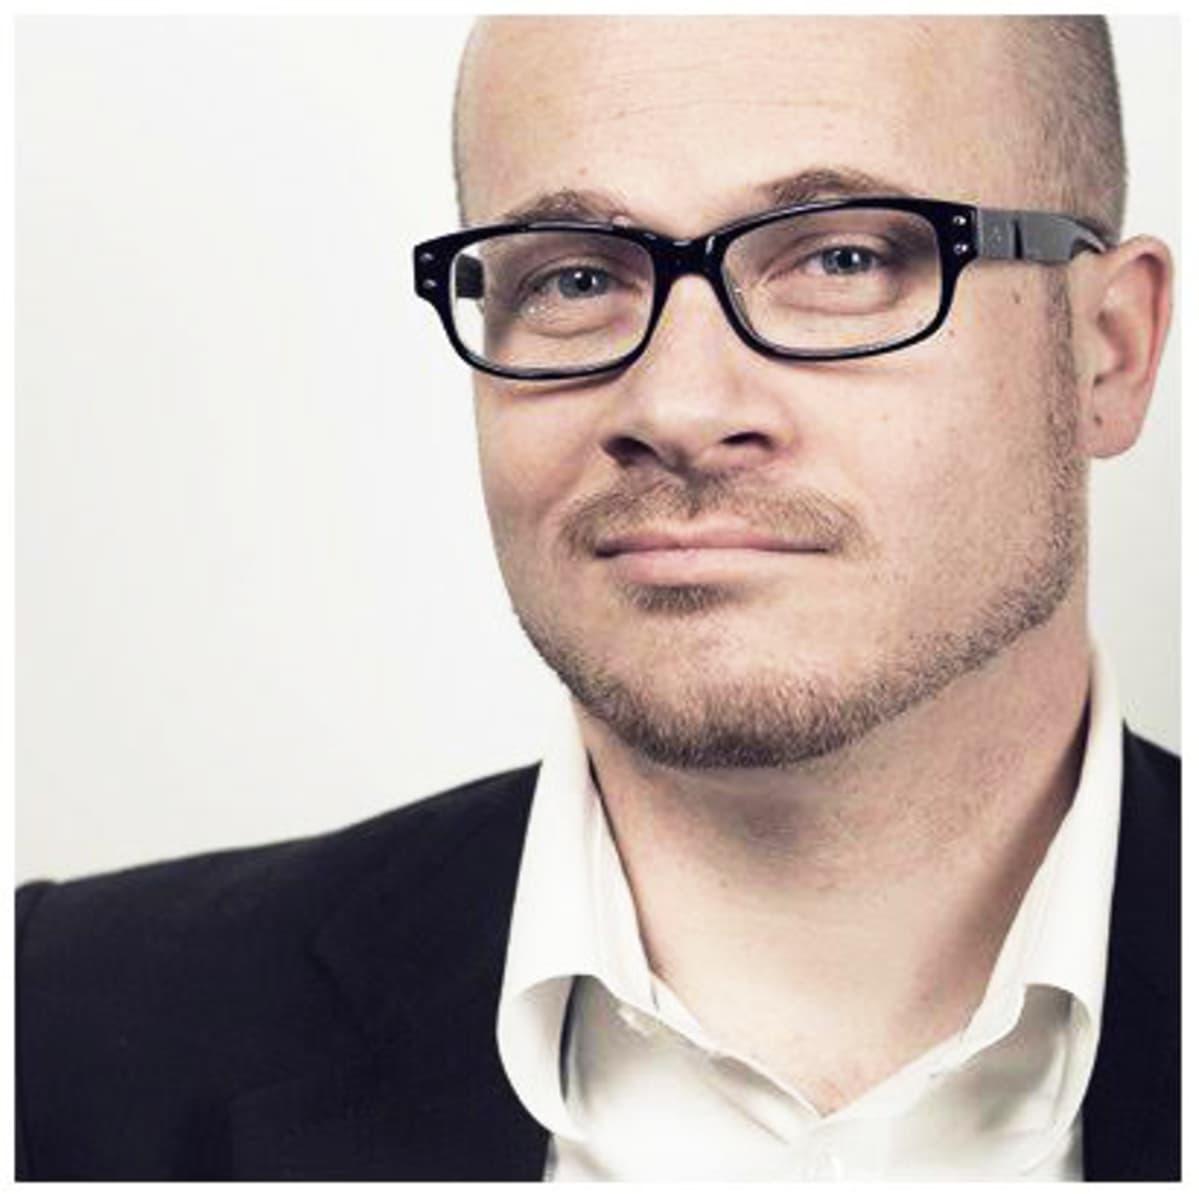 kalun hyväily suomi24 homo chat jyväskylä